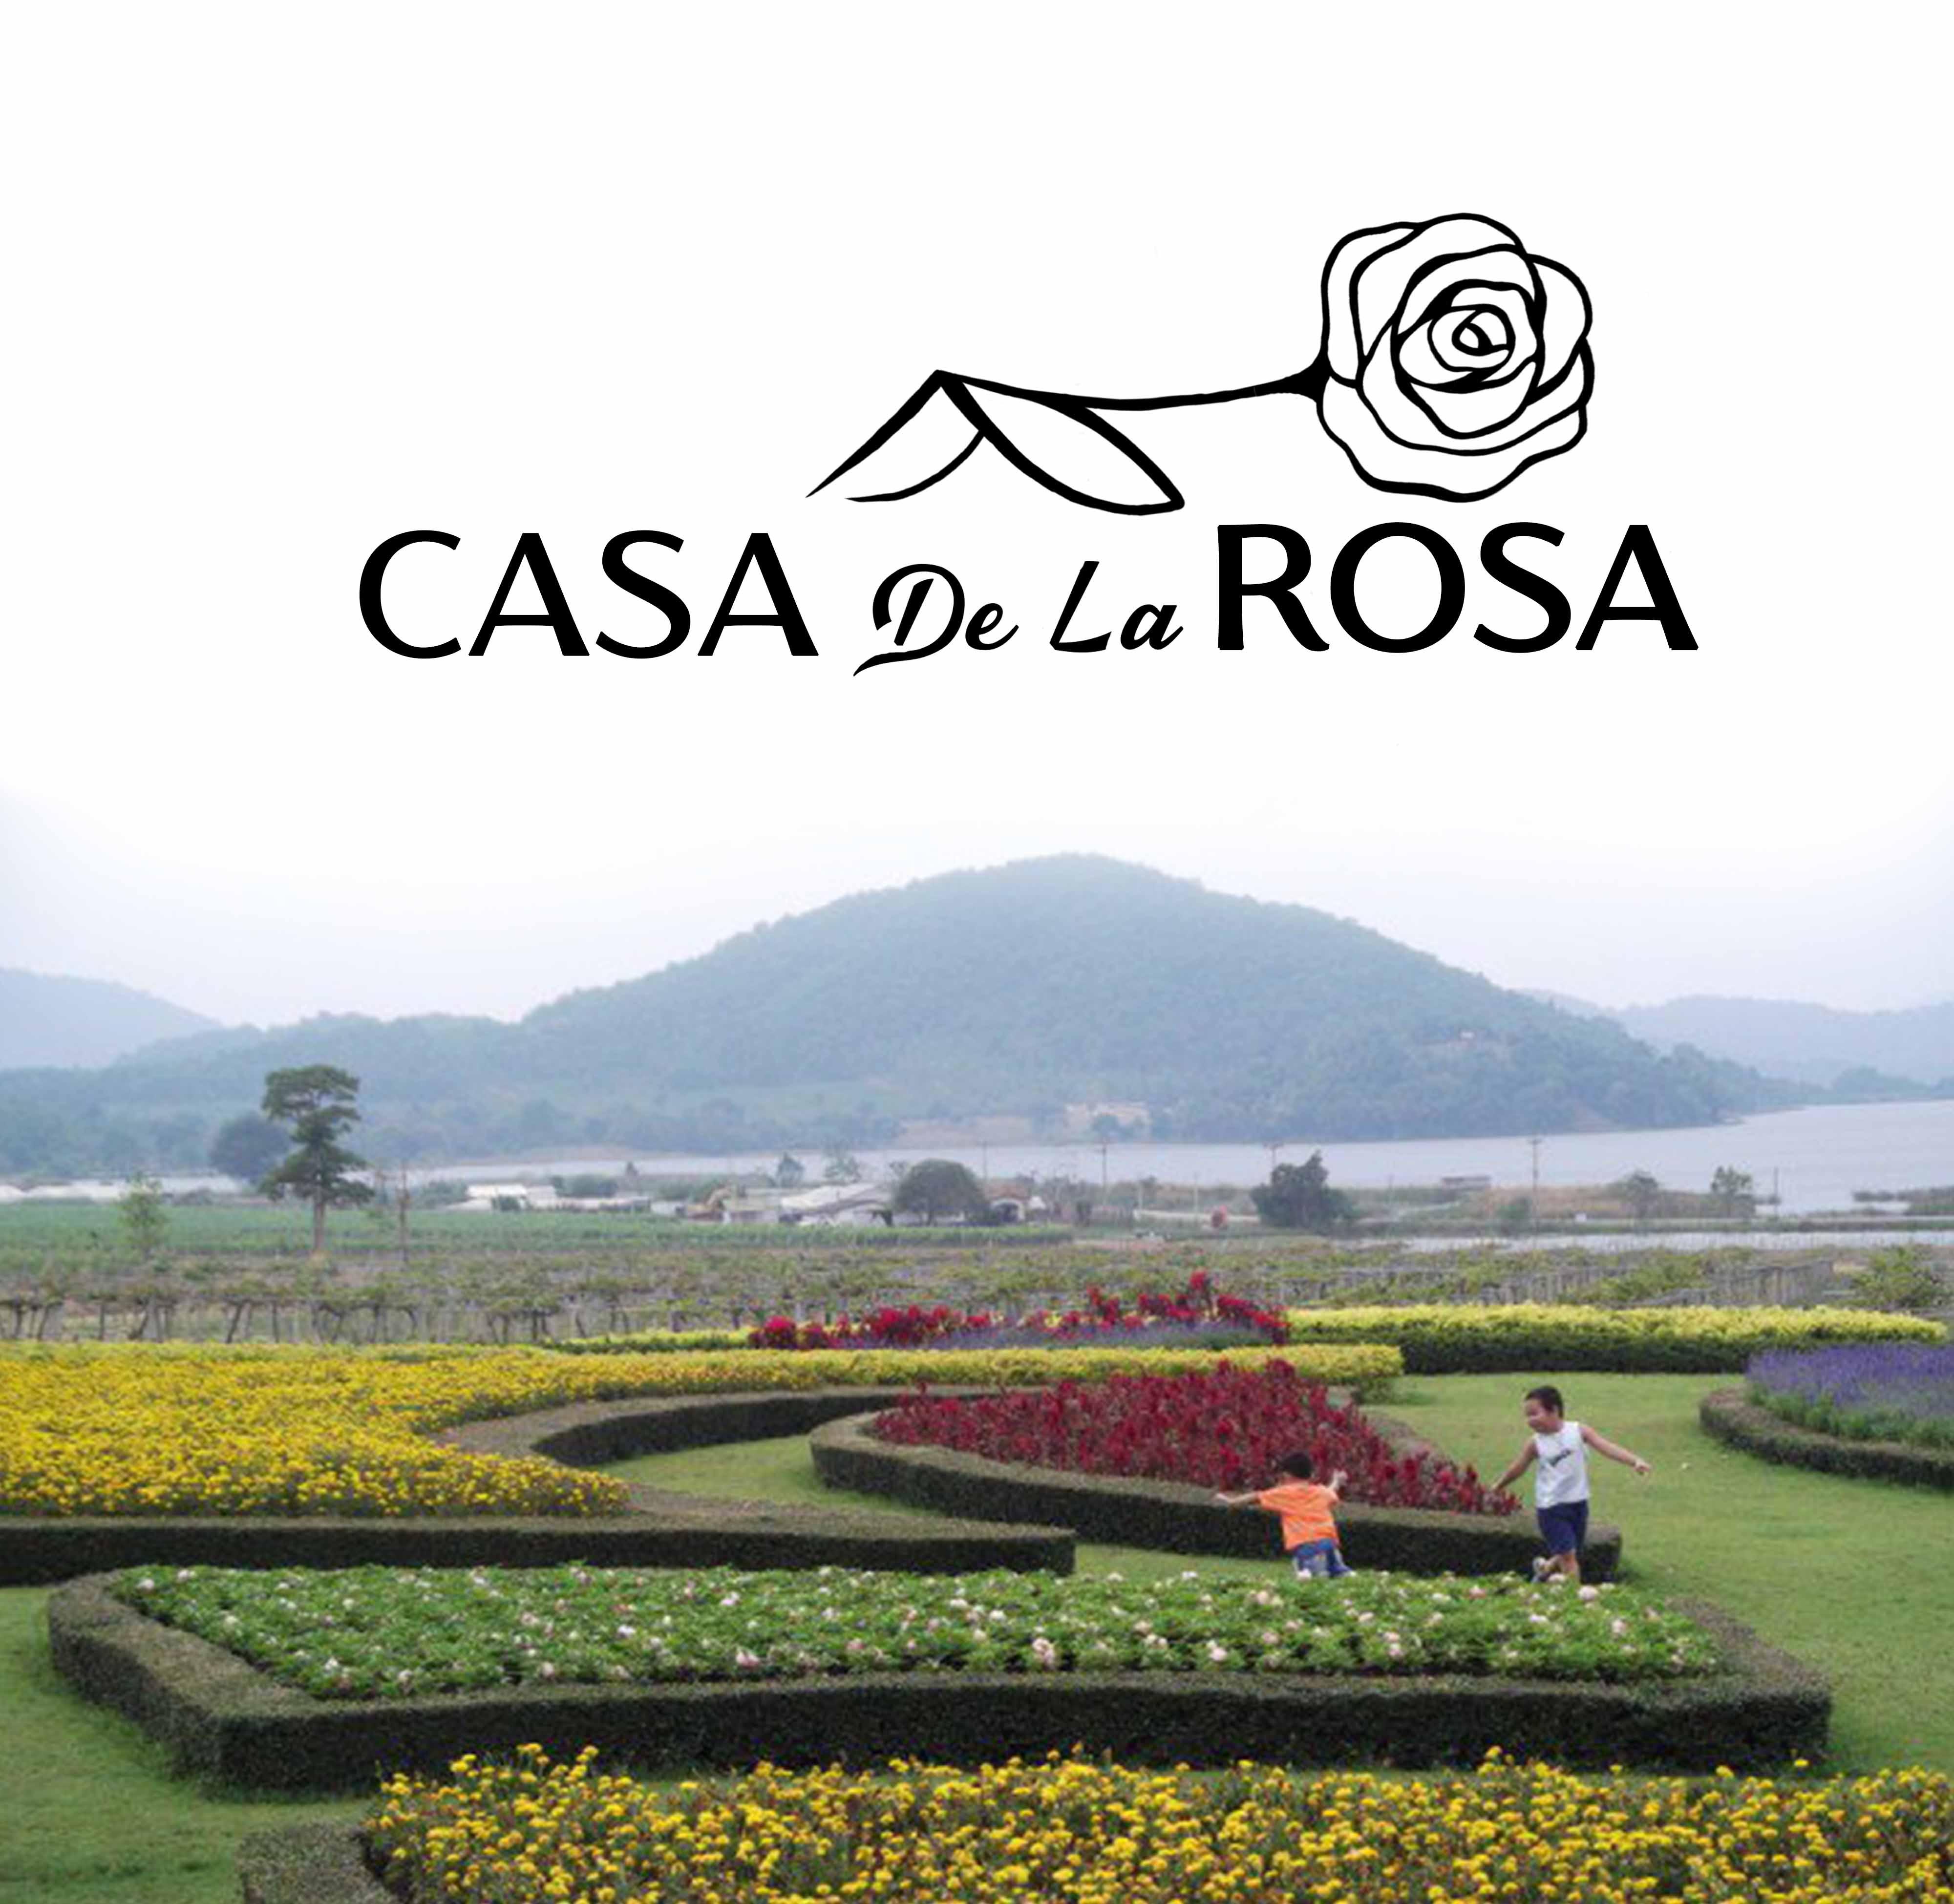 Логотип + Фирменный знак для элитного поселка Casa De La Rosa фото f_0715cd36d125b05e.jpg